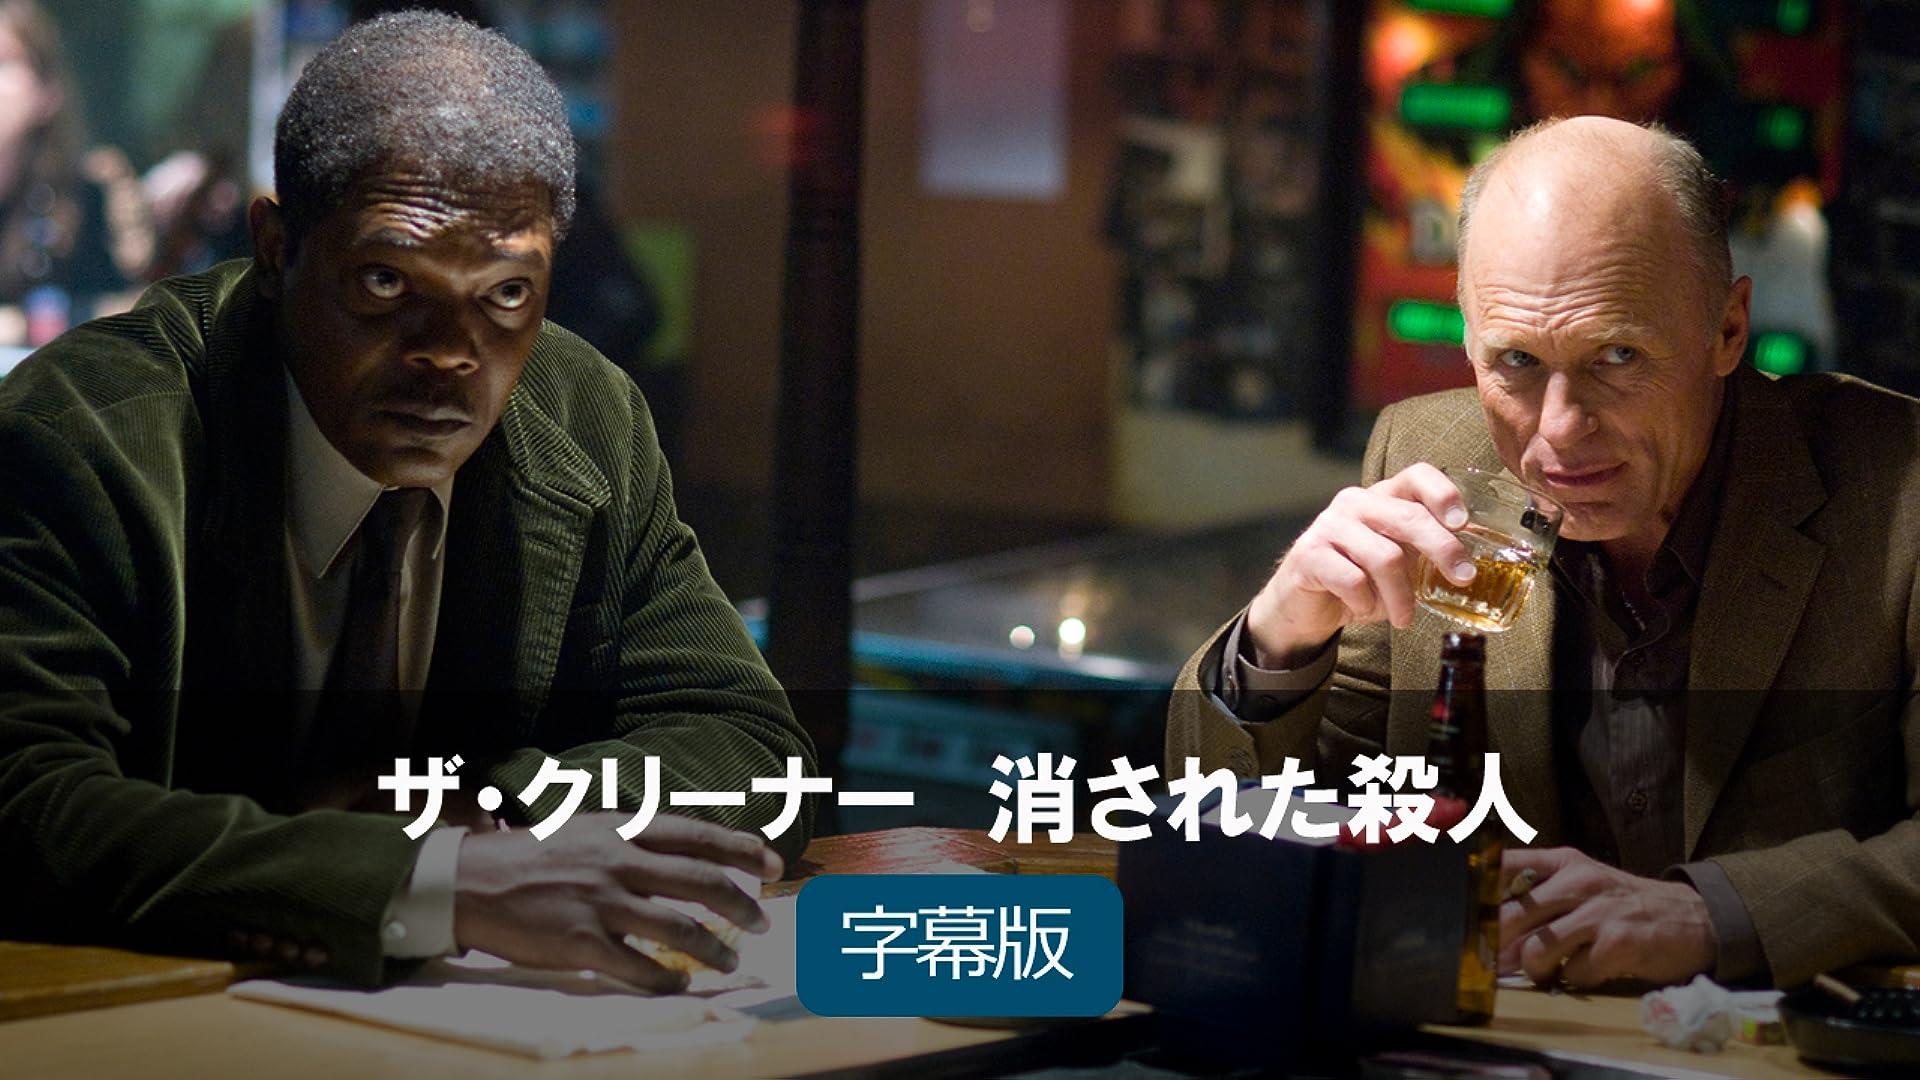 ザ・クリーナー 消された殺人(字幕版)